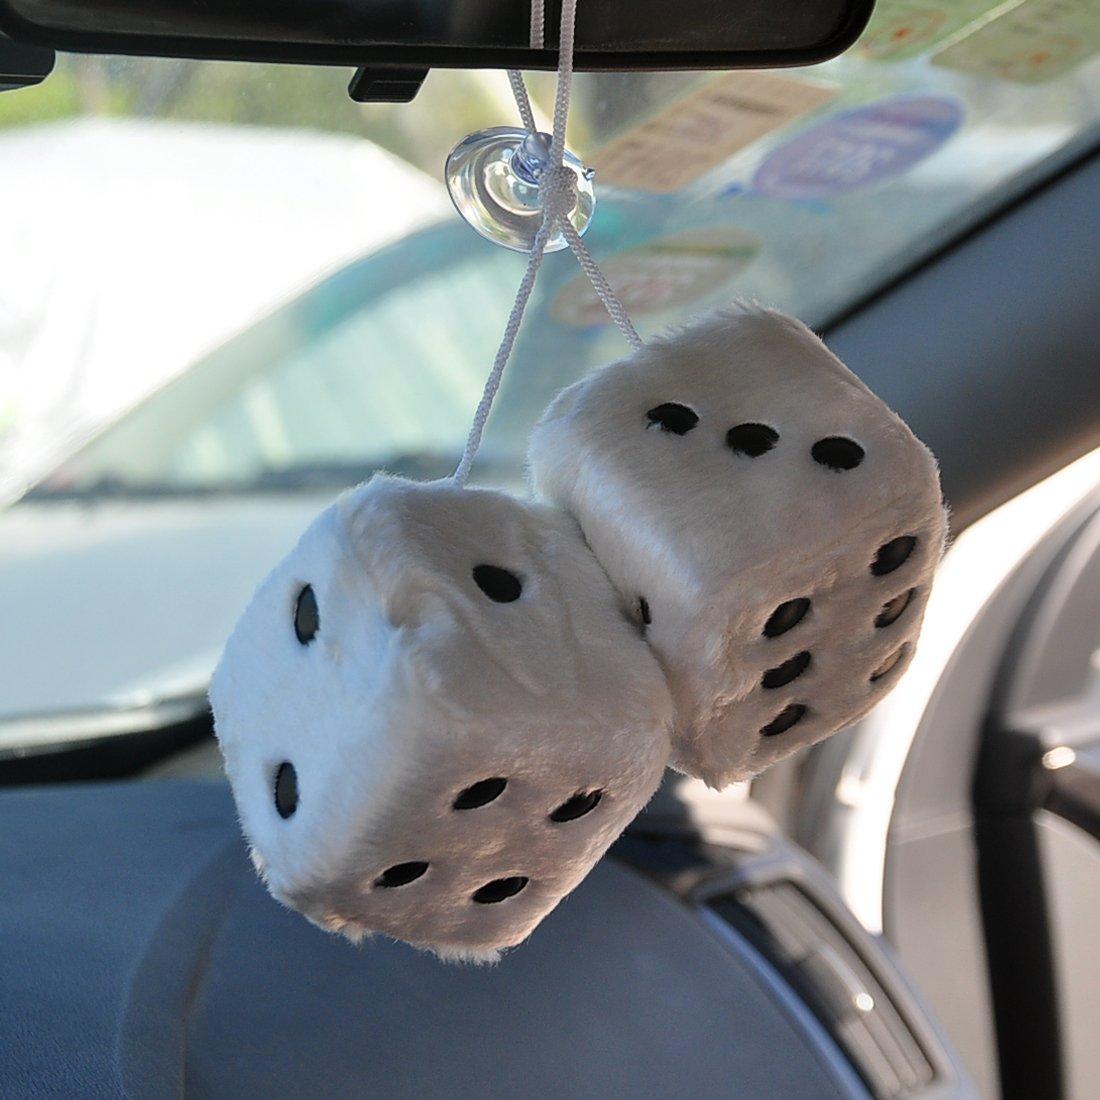 FineInno Plüschwürfel Weiß Auto Plüsch Würfel Autowürfel Fuzzy Dice 7.5 x 7.5 x 7.5cm für Auto, Zimmer, Tisch, Wand, Kühlschrank, Tasche, usw. (Plüsch rot)